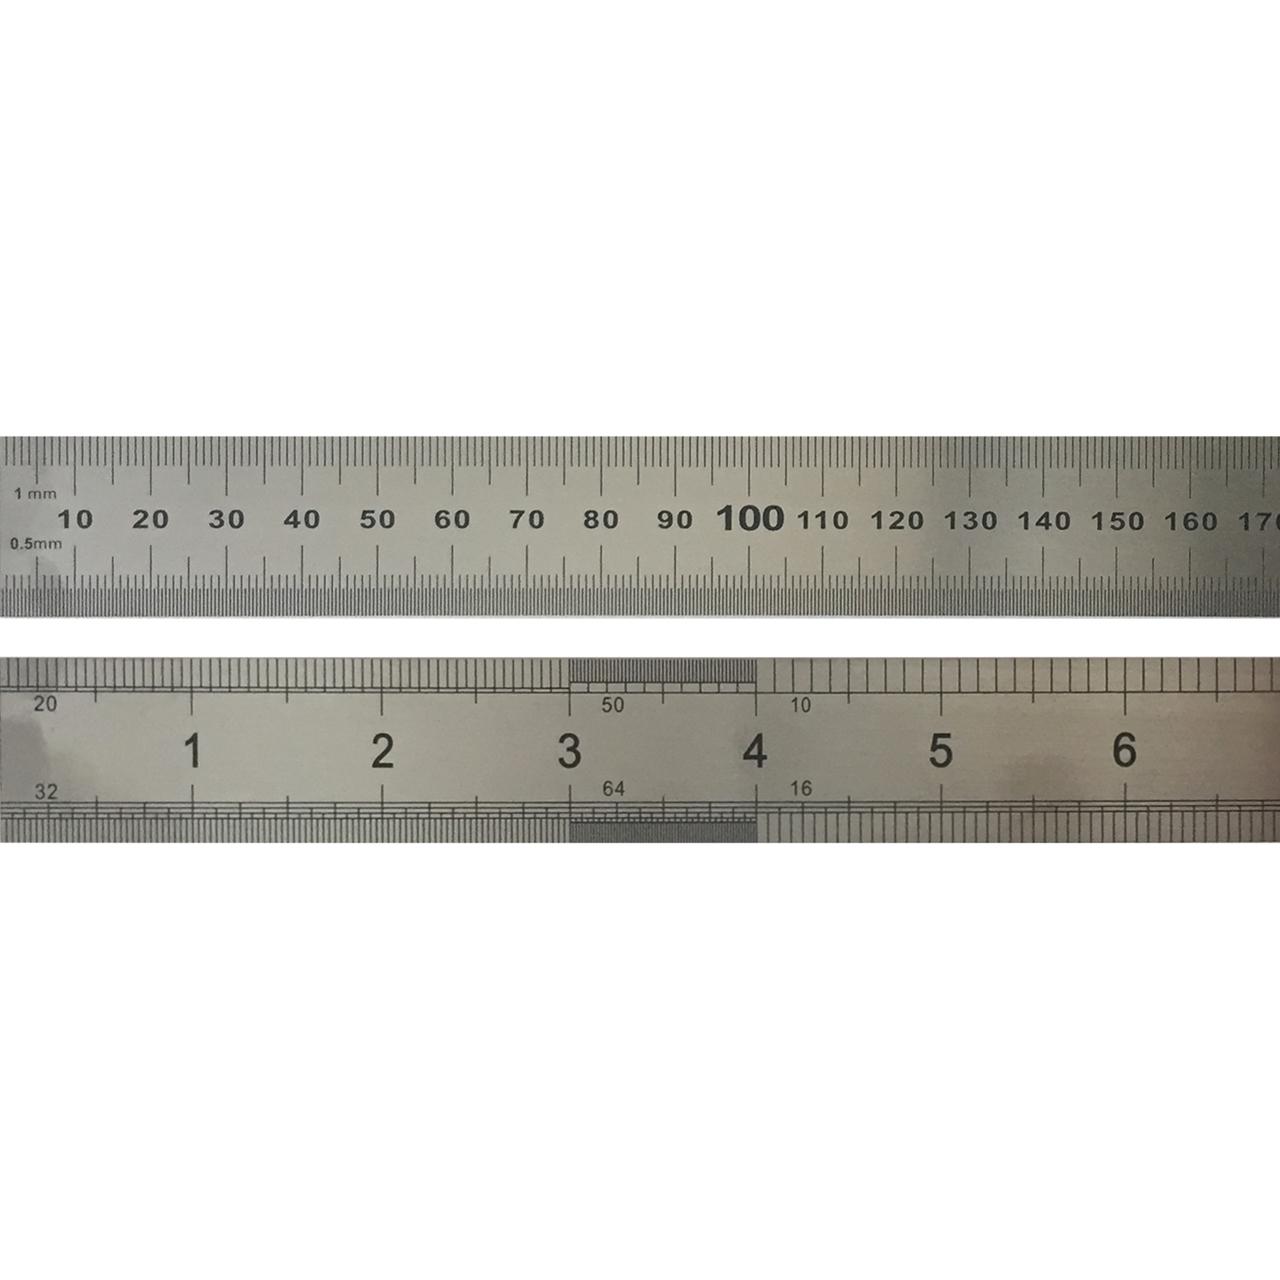 0028124_steel-ruler-100cm-metricimperial